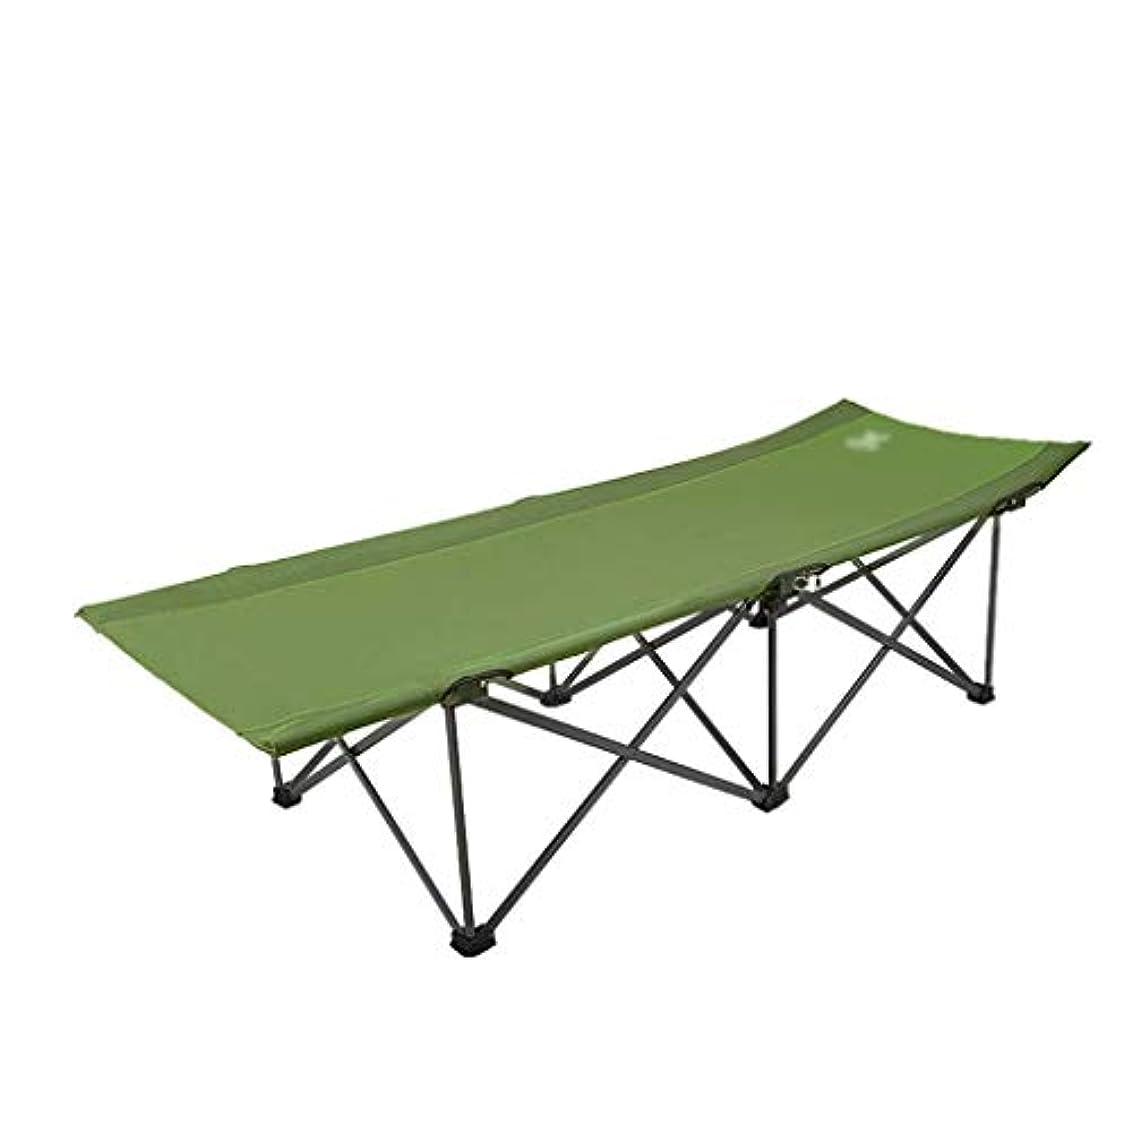 極端な周囲軽蔑する家庭用仮眠ベッド、屋外ポータブル折りたたみベッドキャンプベッド金属フレームシングルベッド耐荷重130kg - キャリング収納バッグ197×78×54センチ (色 : Green)